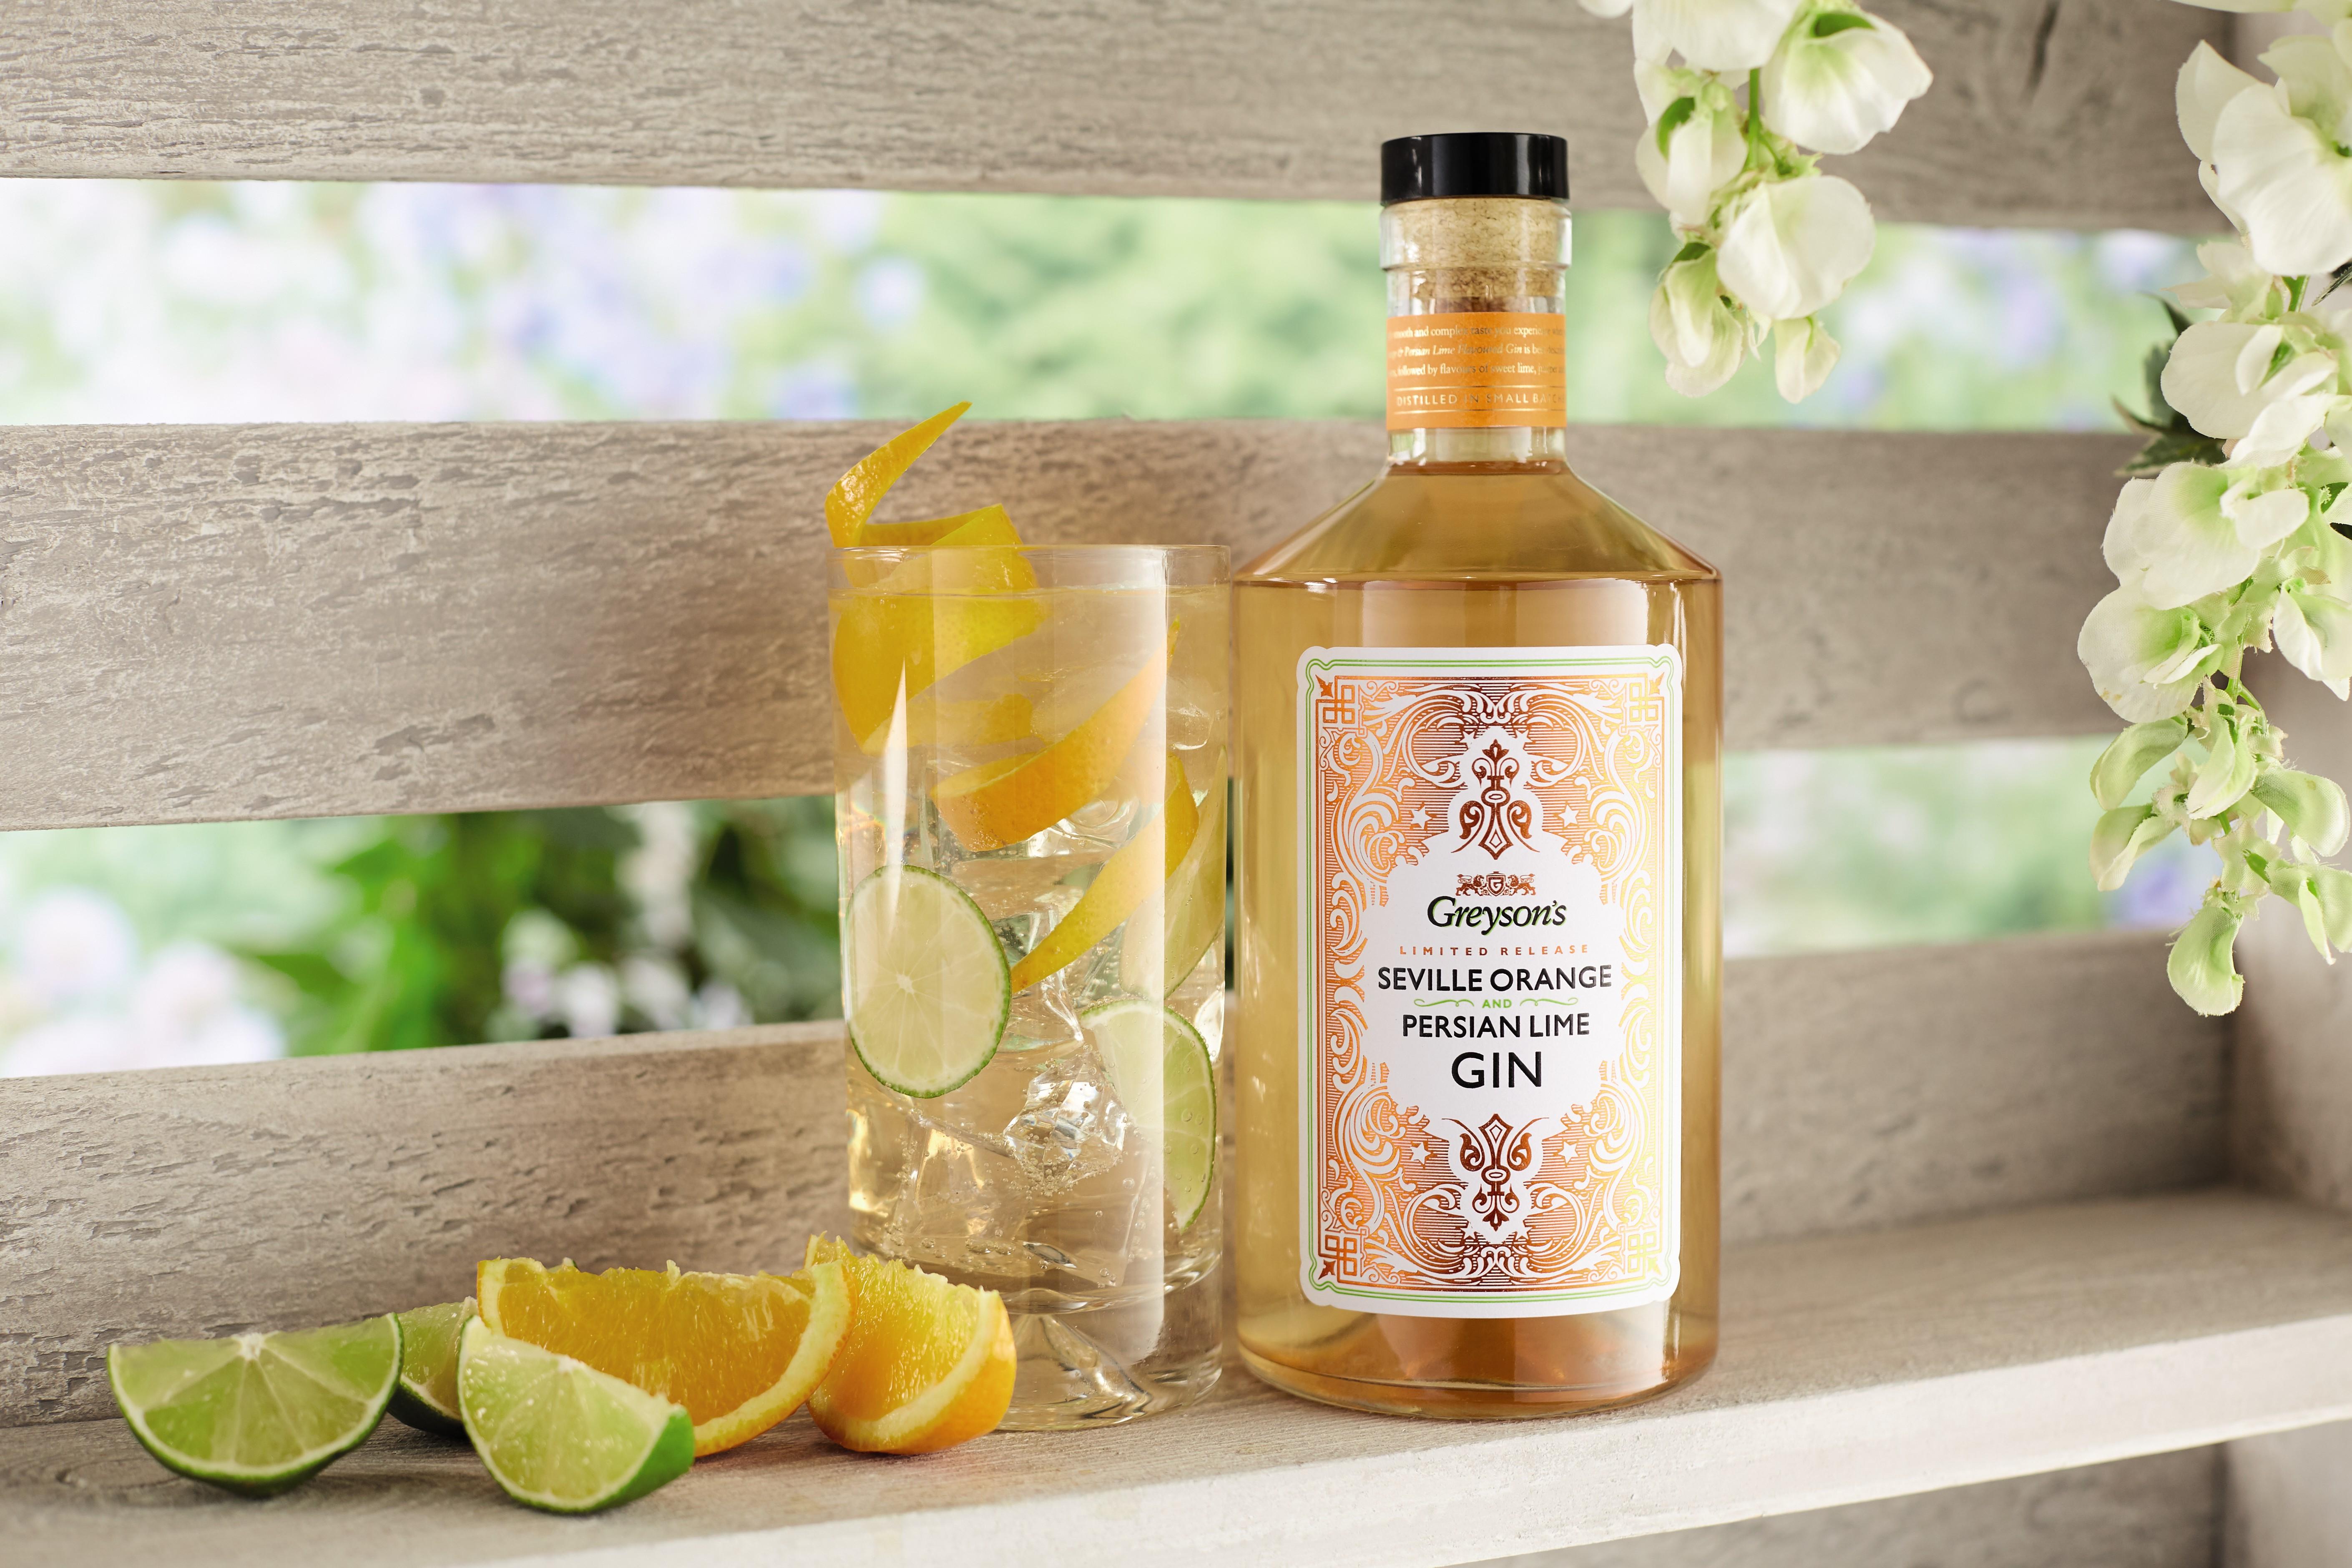 Aldi's seville orange and persian orange gin